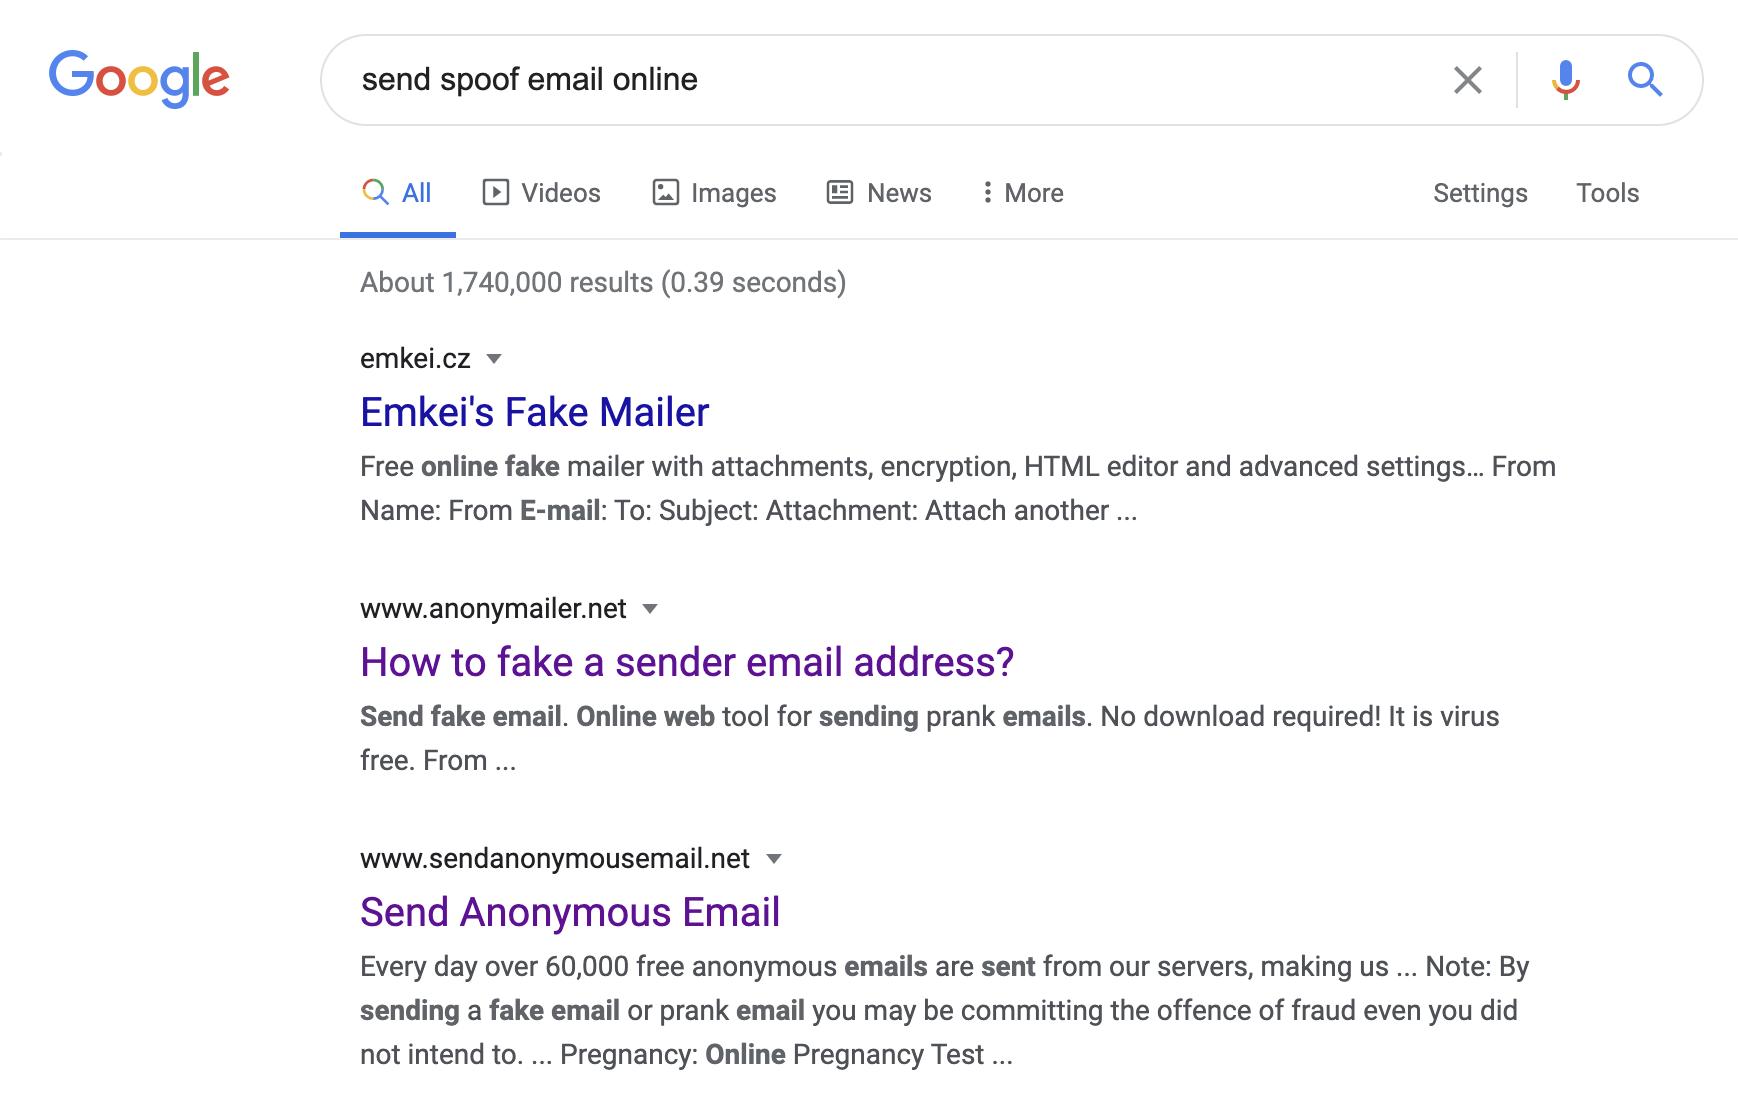 سرویسهای ارسال ایمیل جعلی